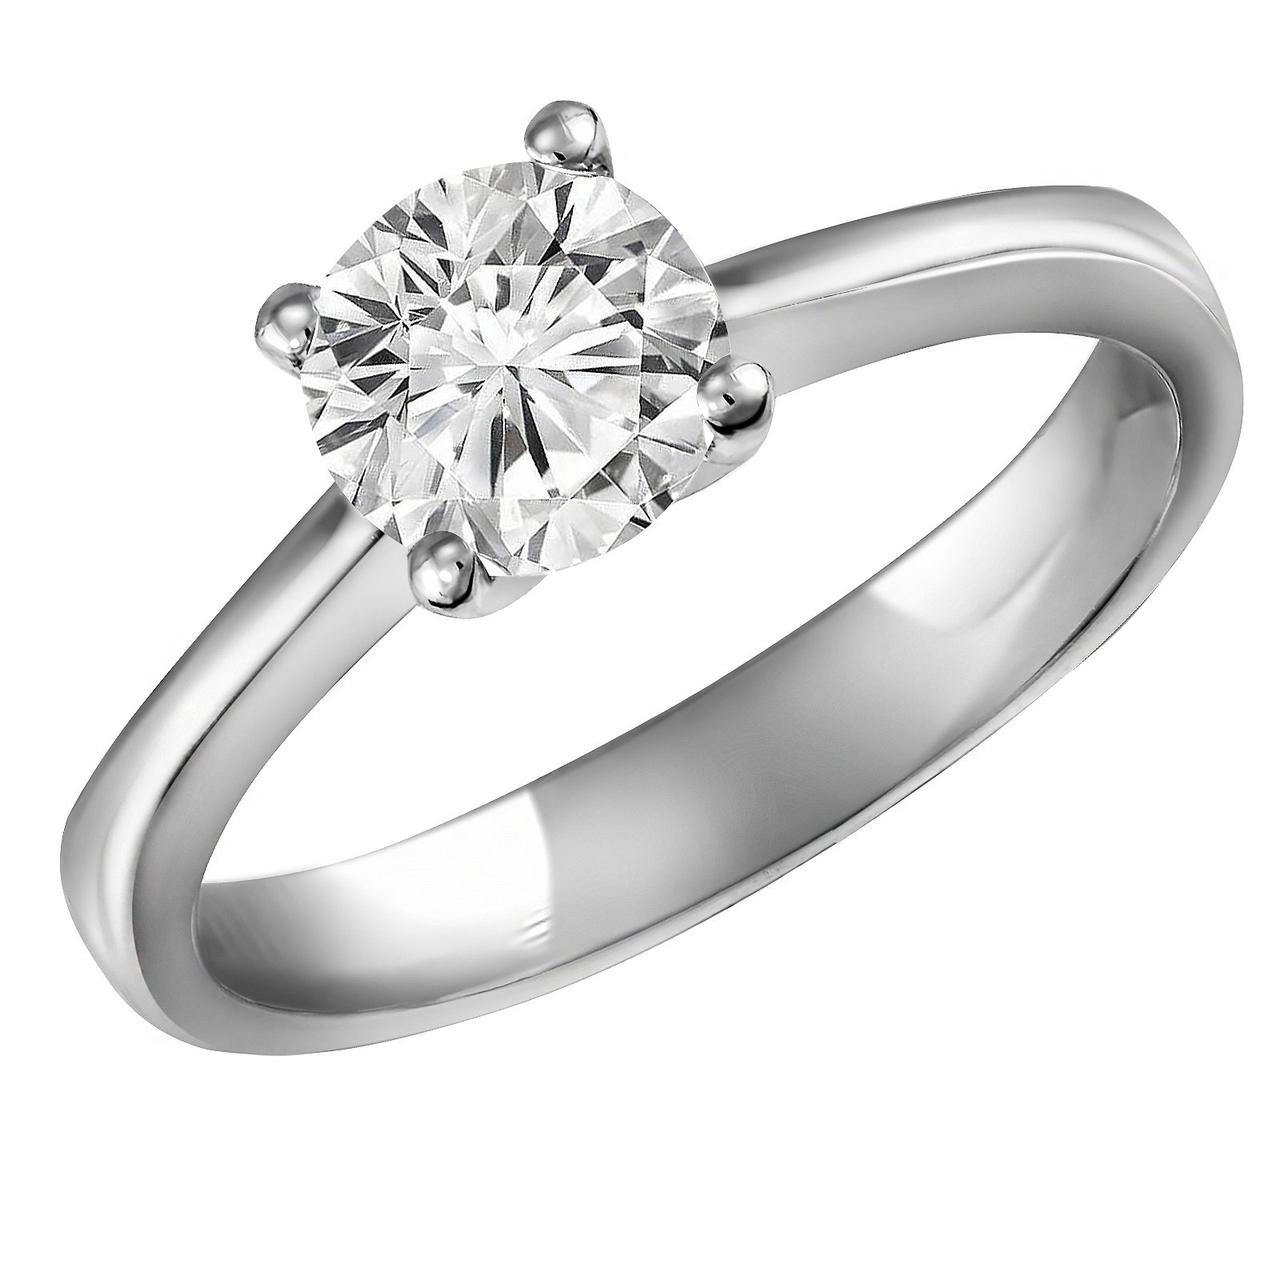 Золотое кольцо с бриллиантом, размер 17 (114216)